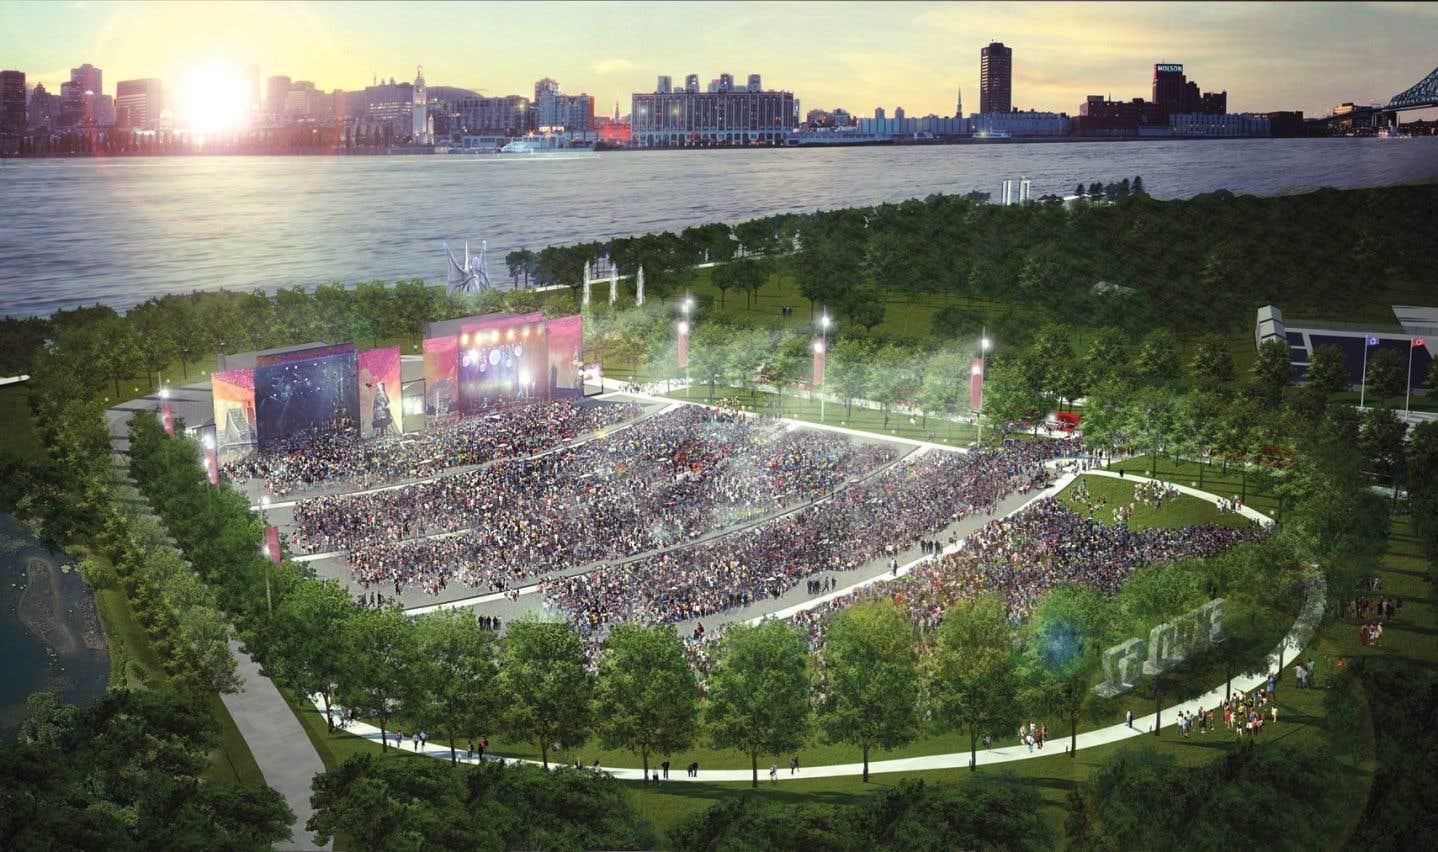 La Société du parc a annoncé un vaste projet de réaménagement du parc Jean-Drapeau, dont un amphithéâtre de 65000 places.